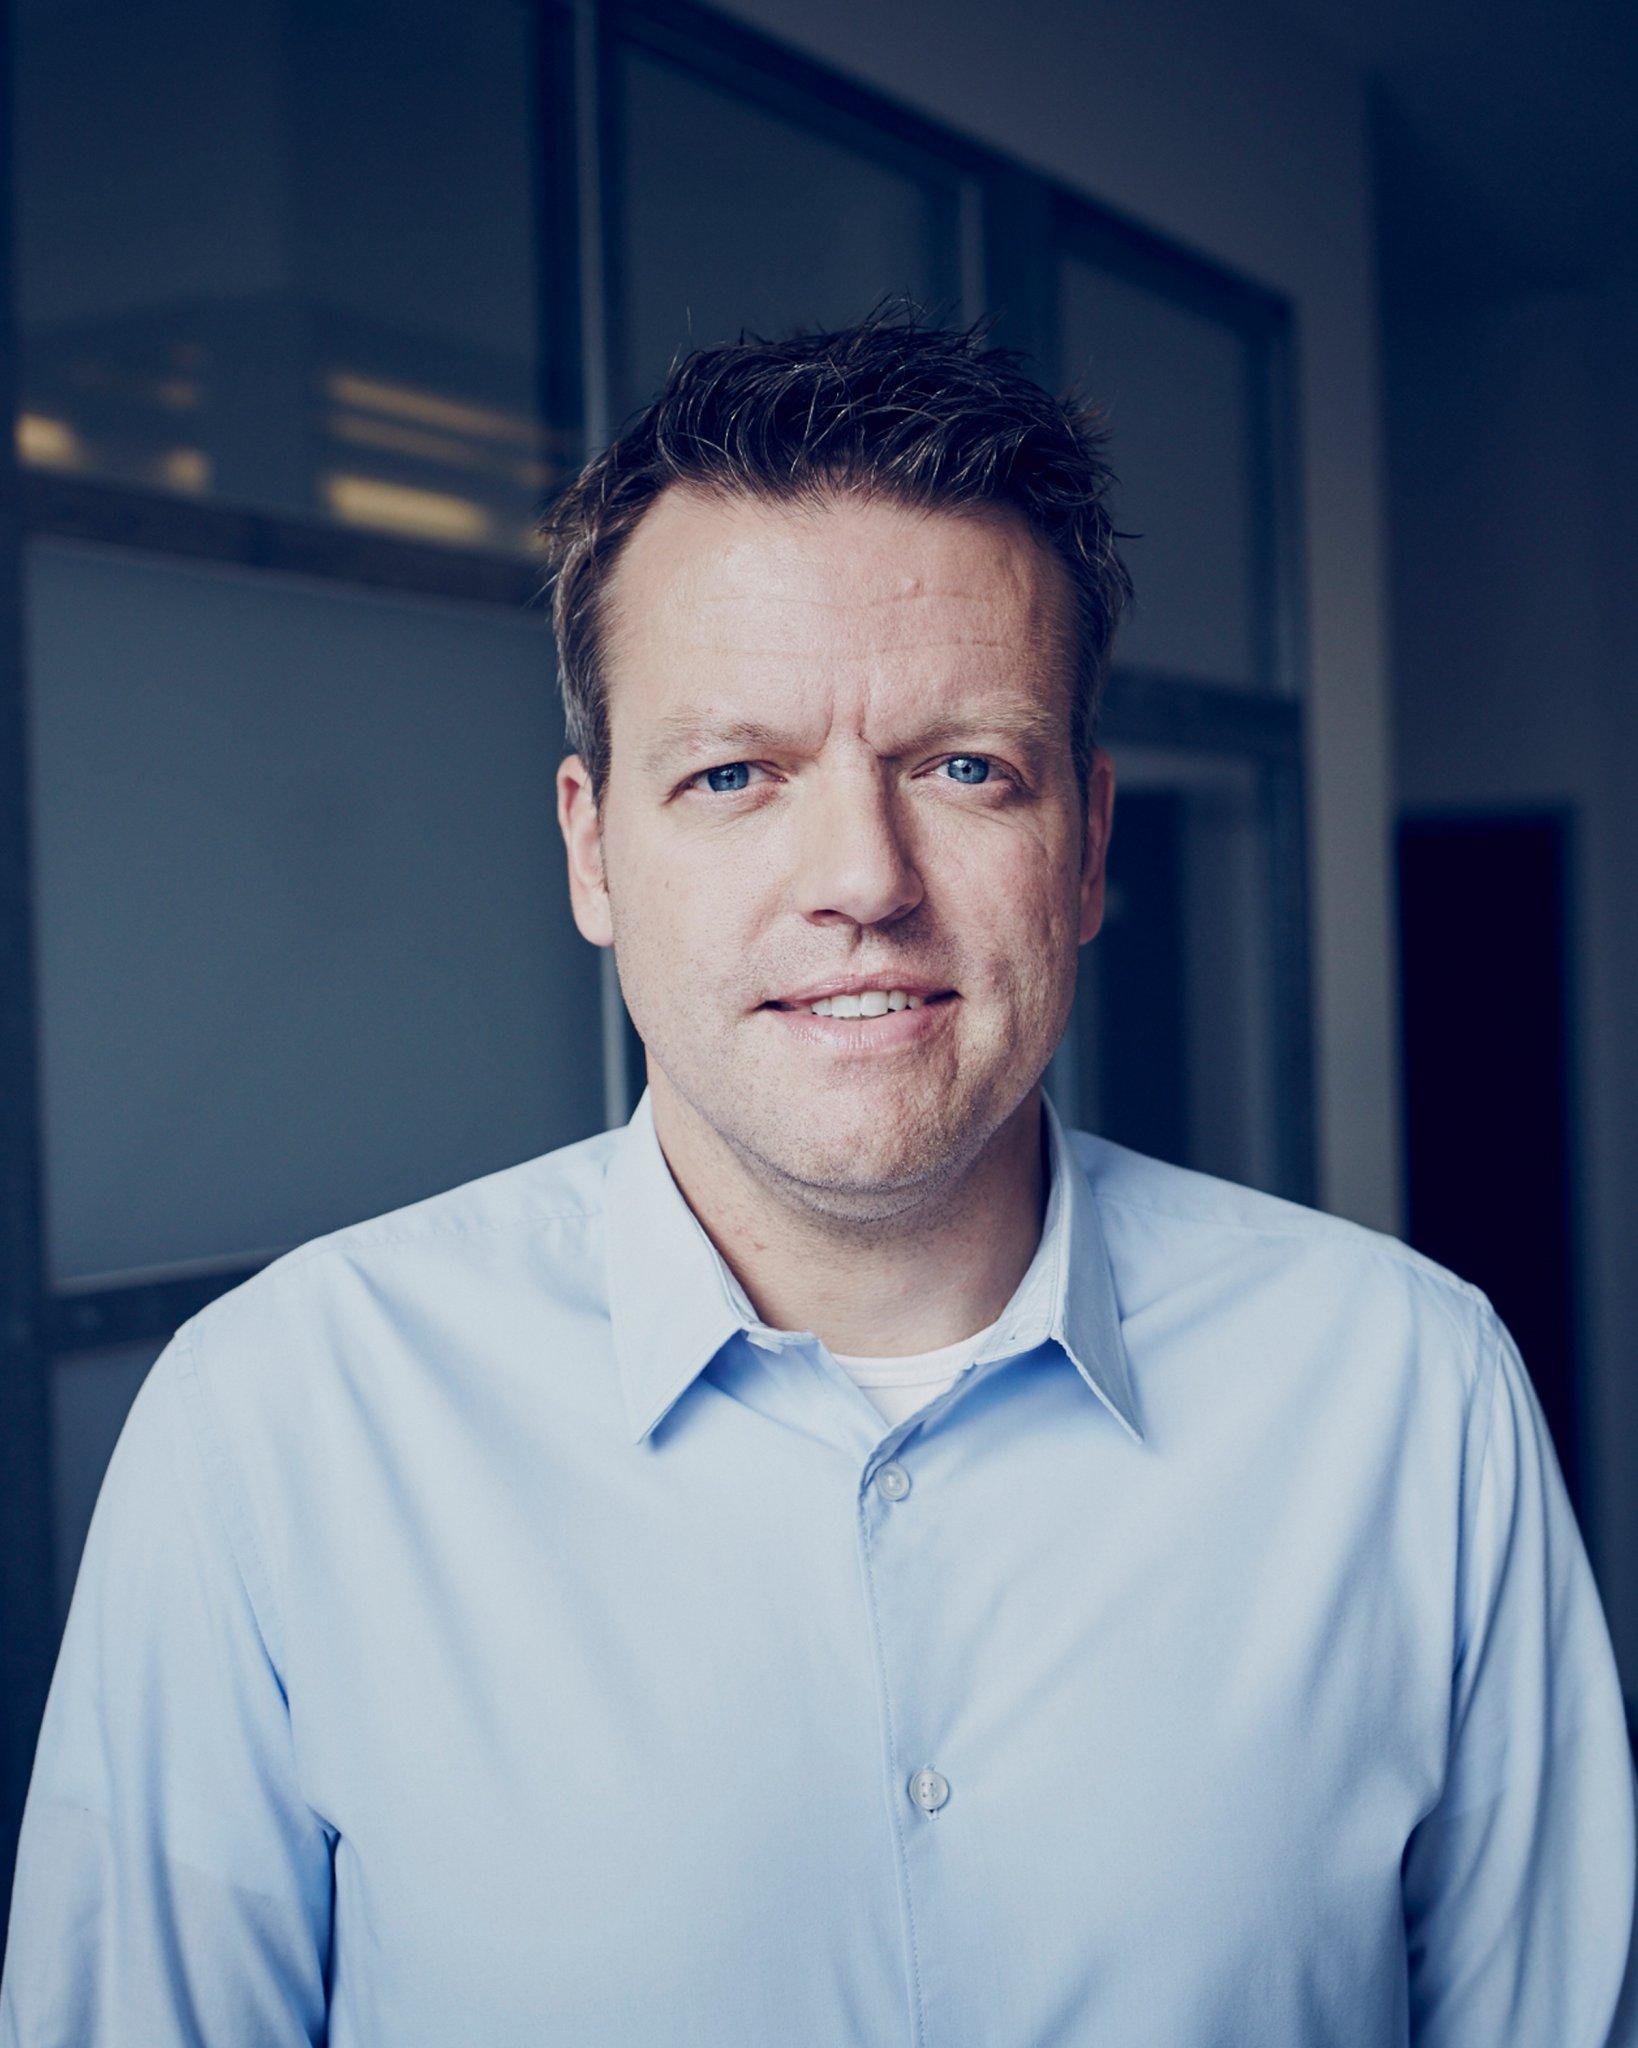 Rene Sutthoff, Konsequent PR-Agentur Osnabrück